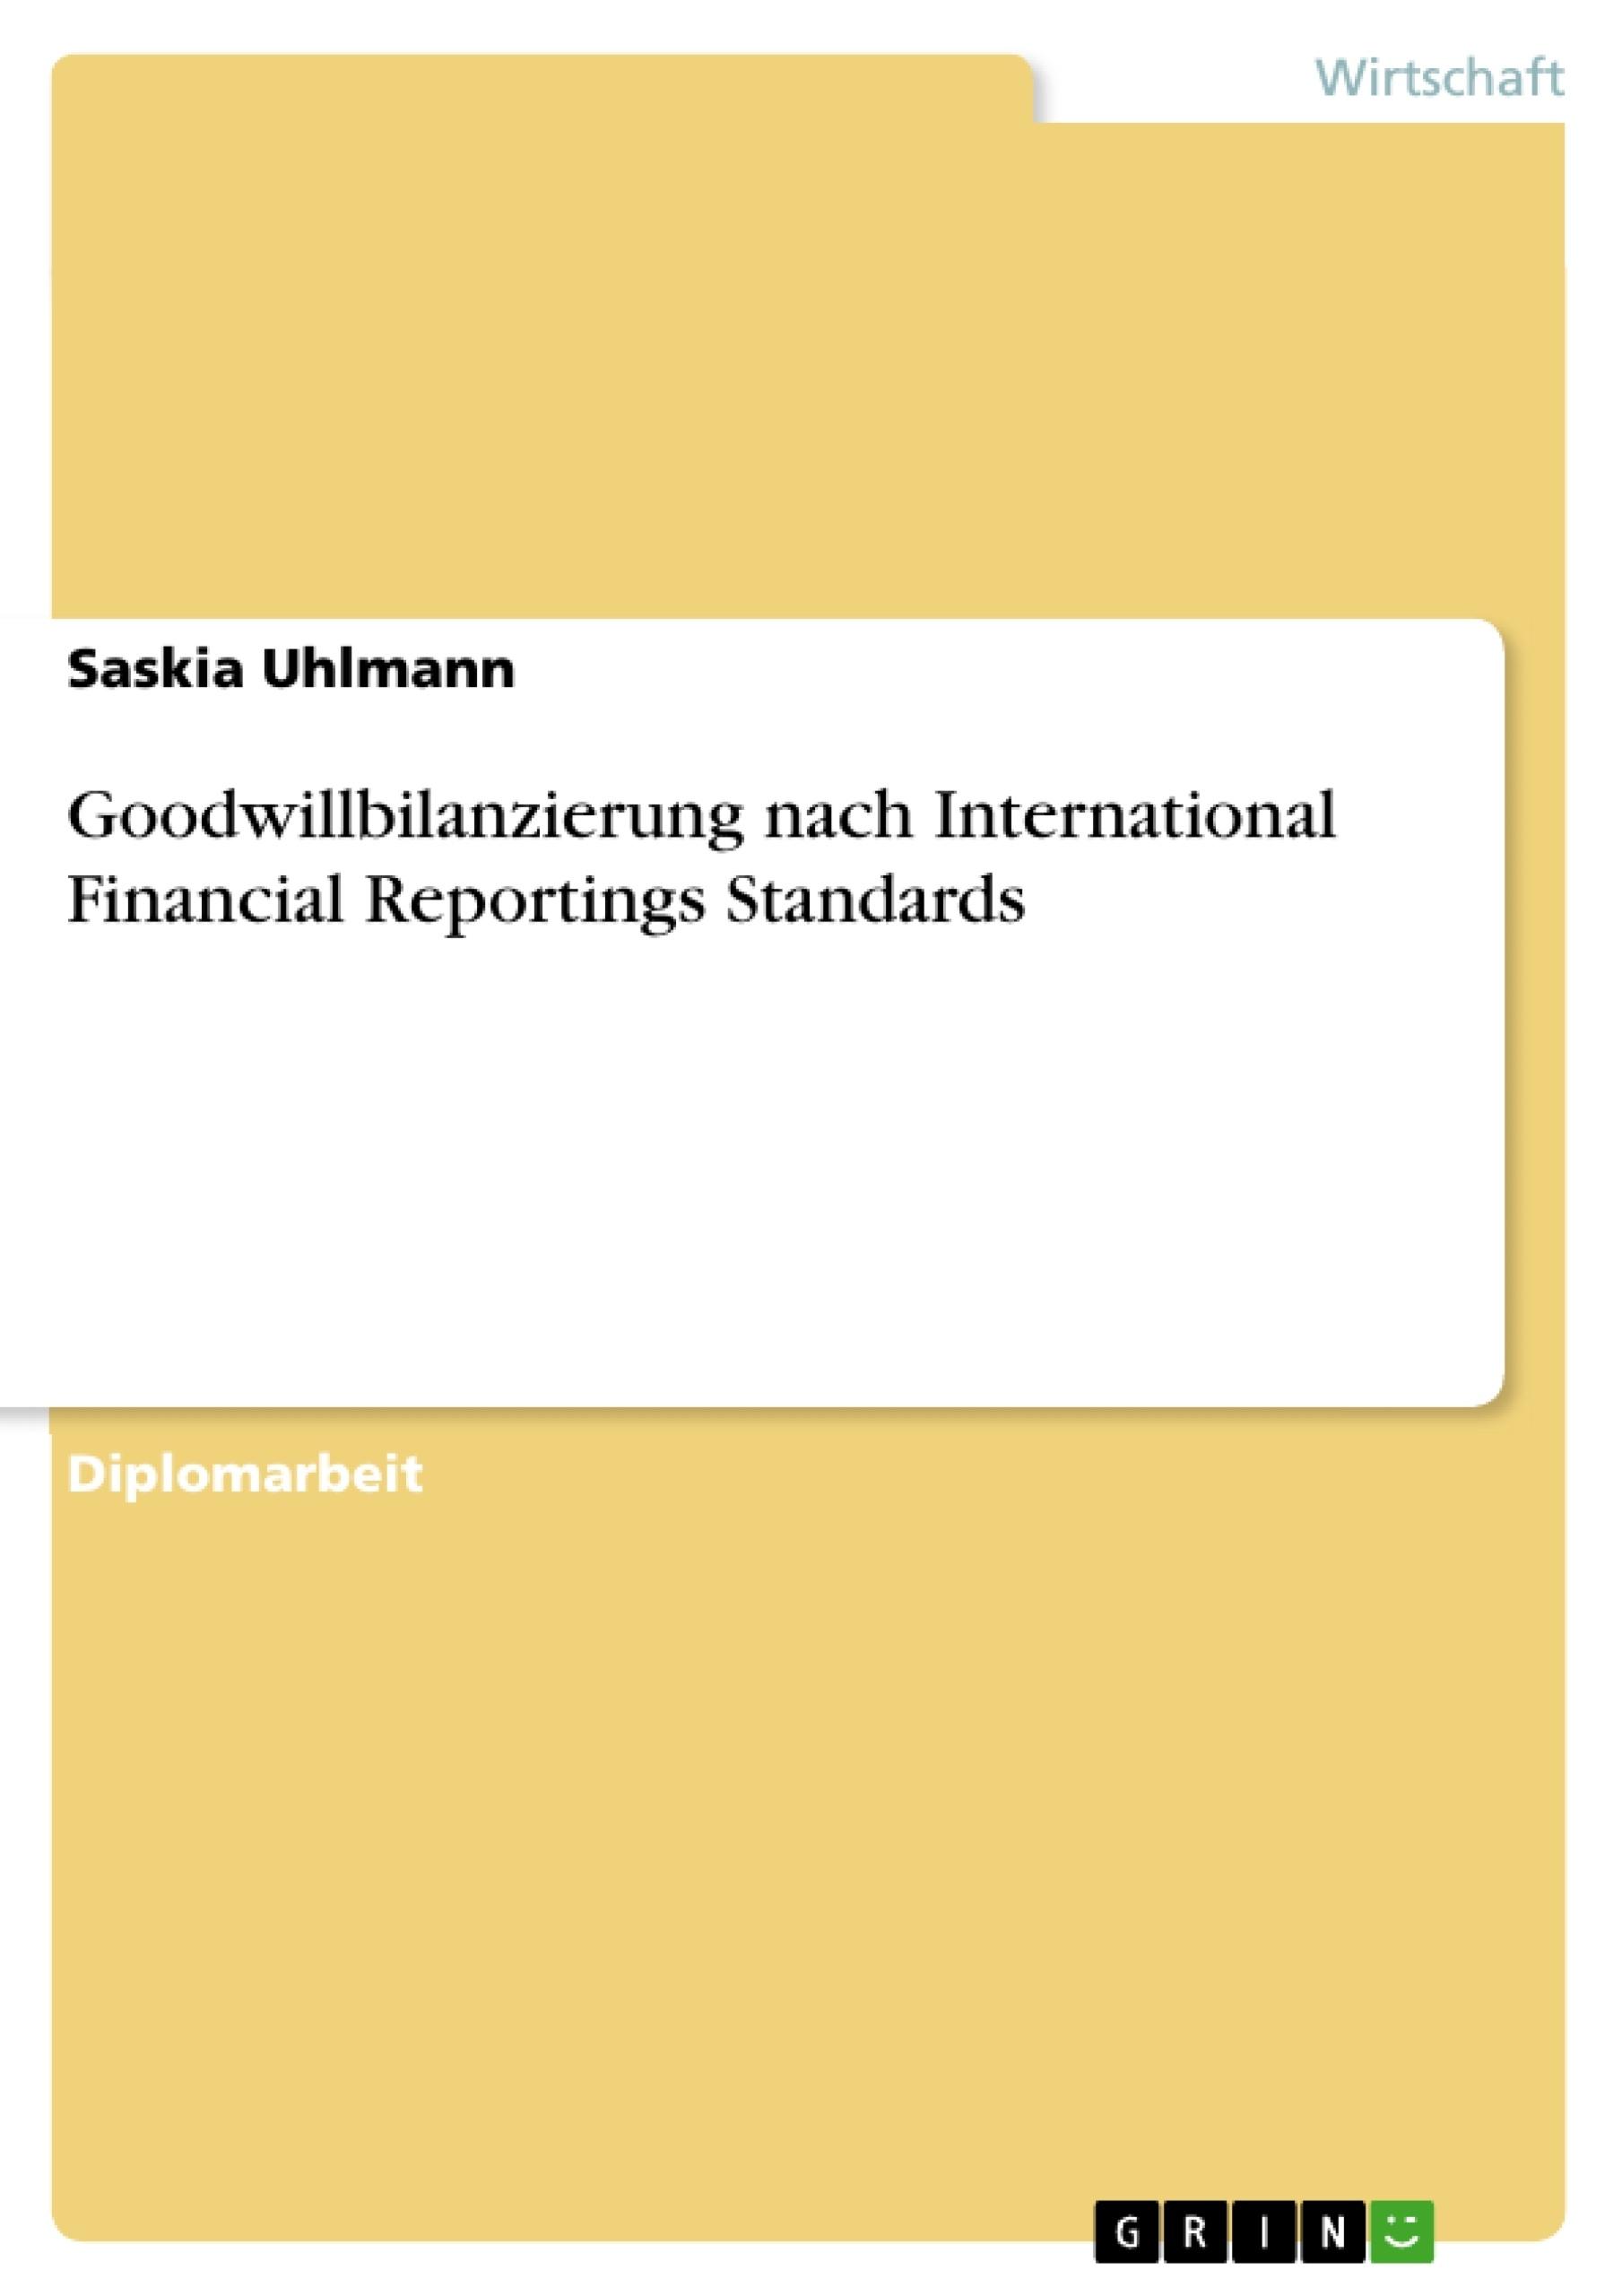 Titel: Goodwillbilanzierung nach International Financial Reportings Standards